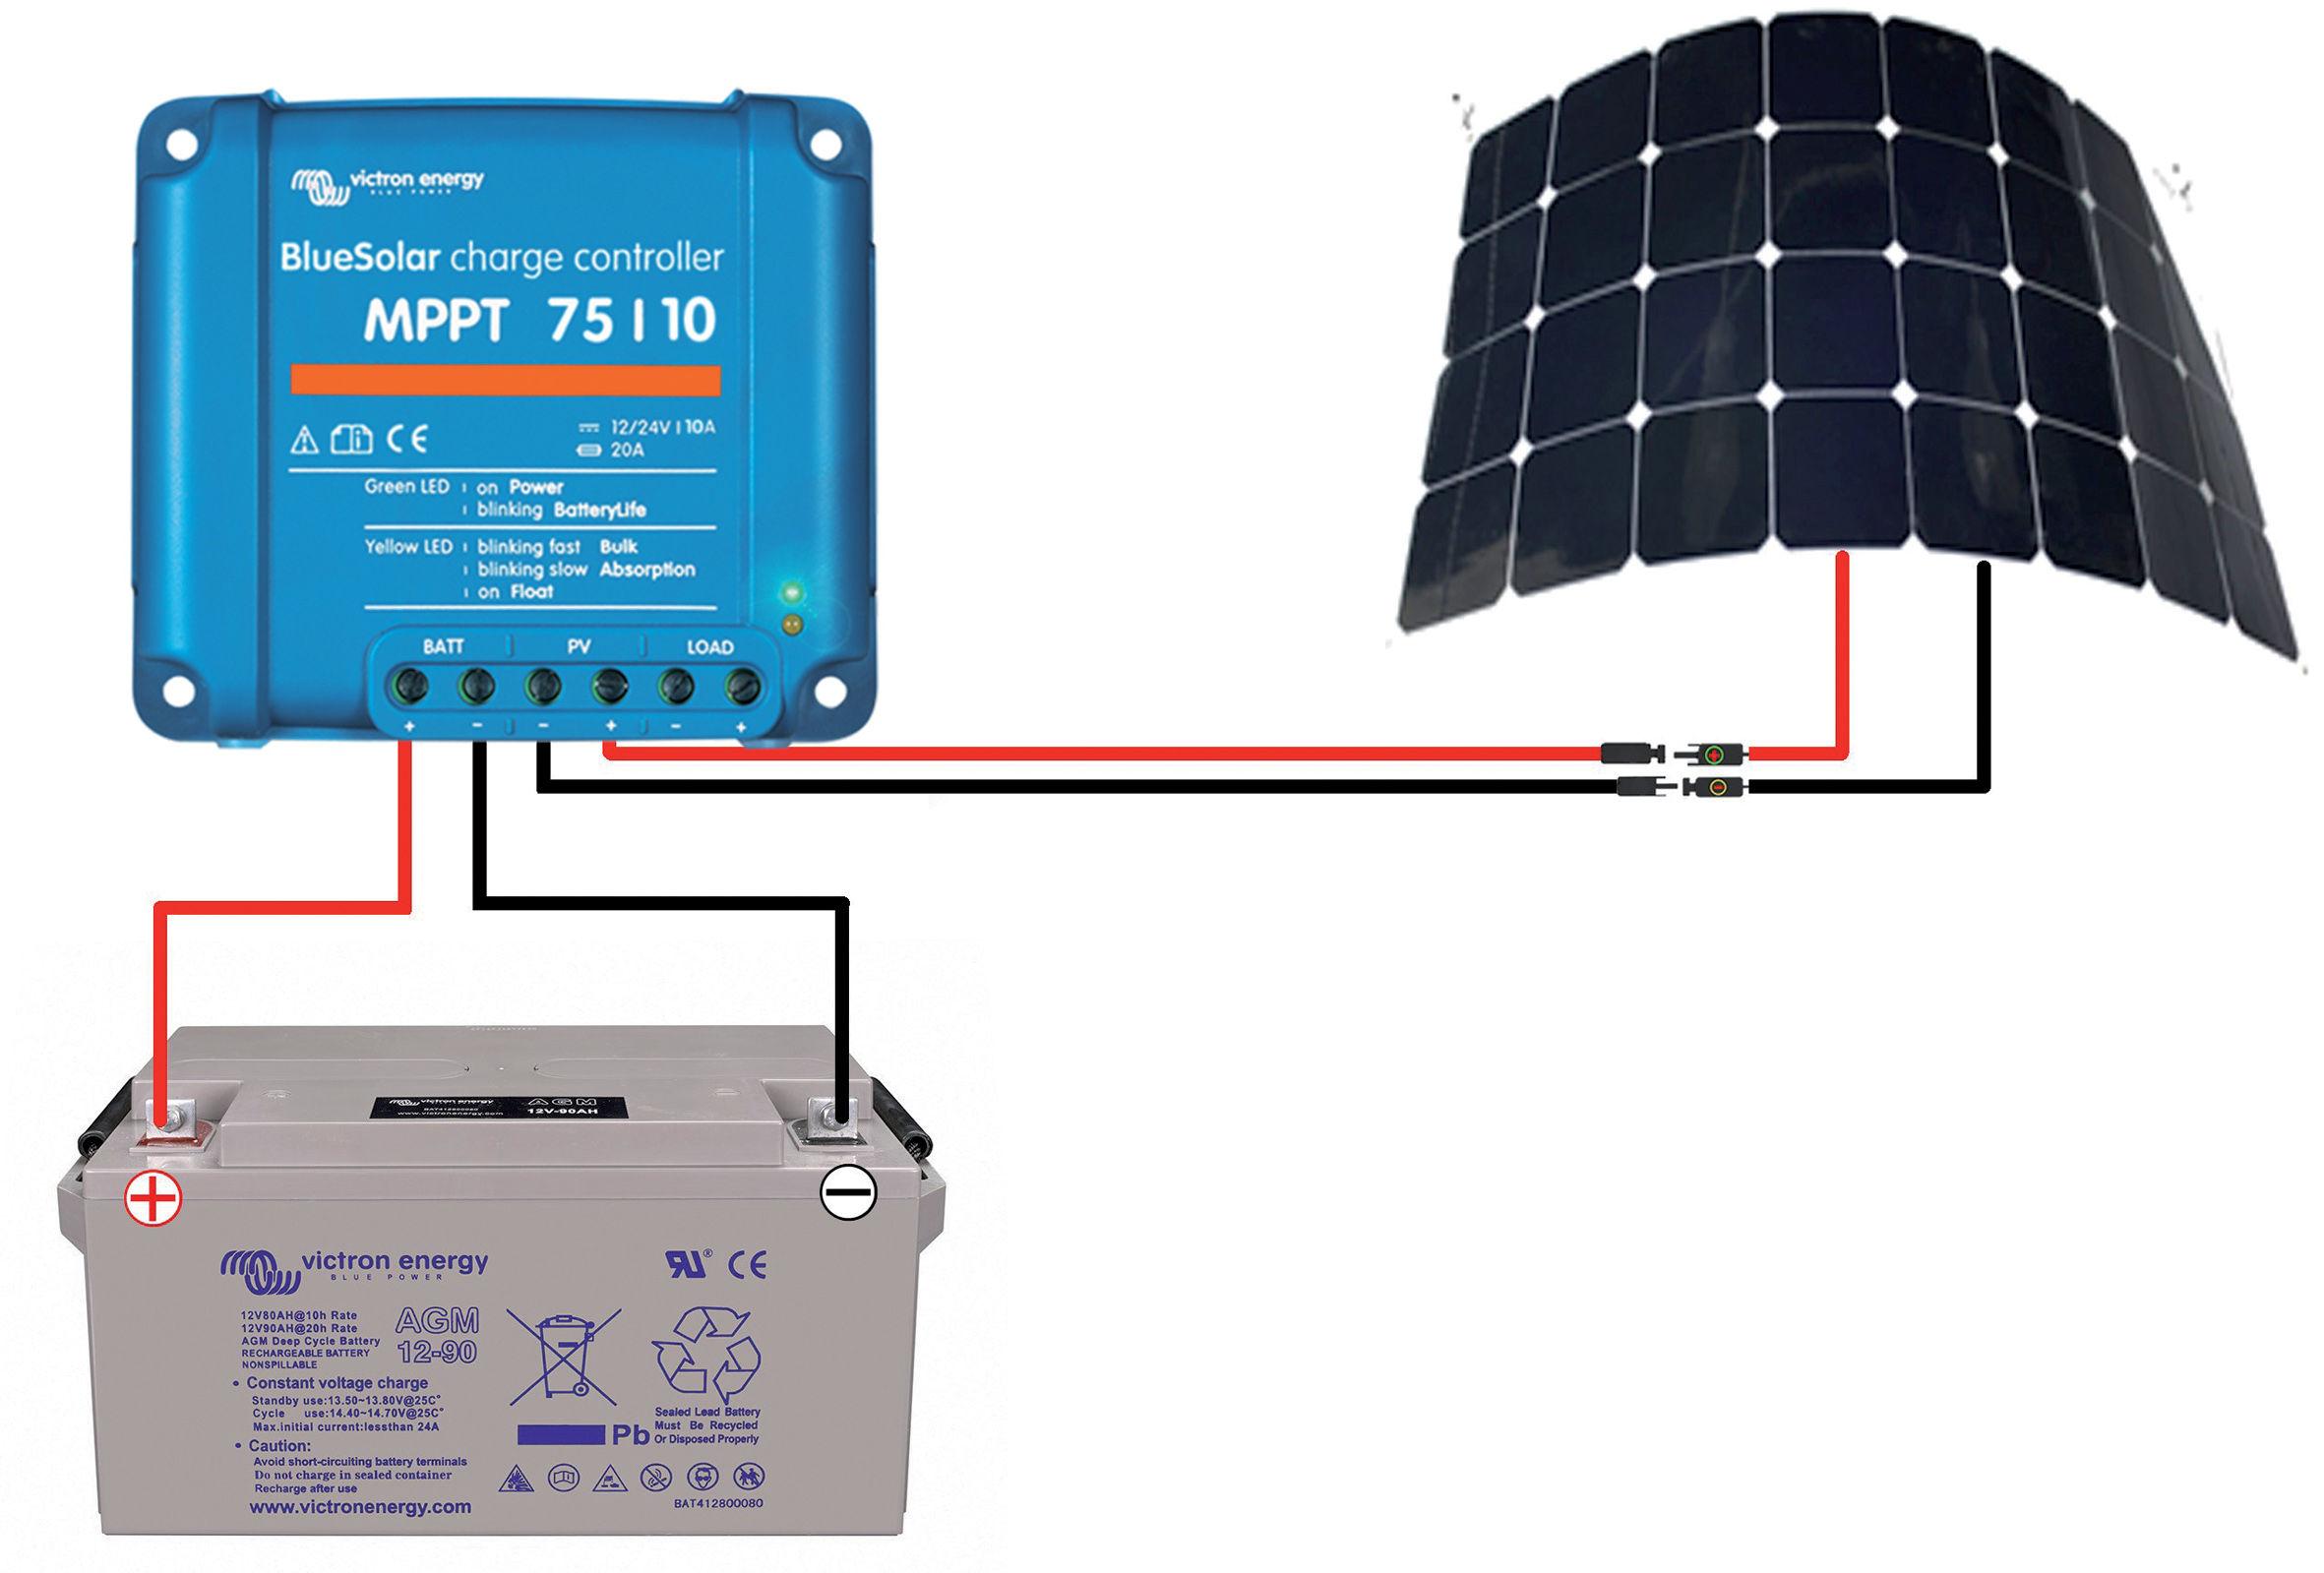 L'installation est primordiale pour obtenir un bon rendement. Les connexions, le diamètre du câblage, le régulateur MPPT sont autant de paramètres à peaufiner.